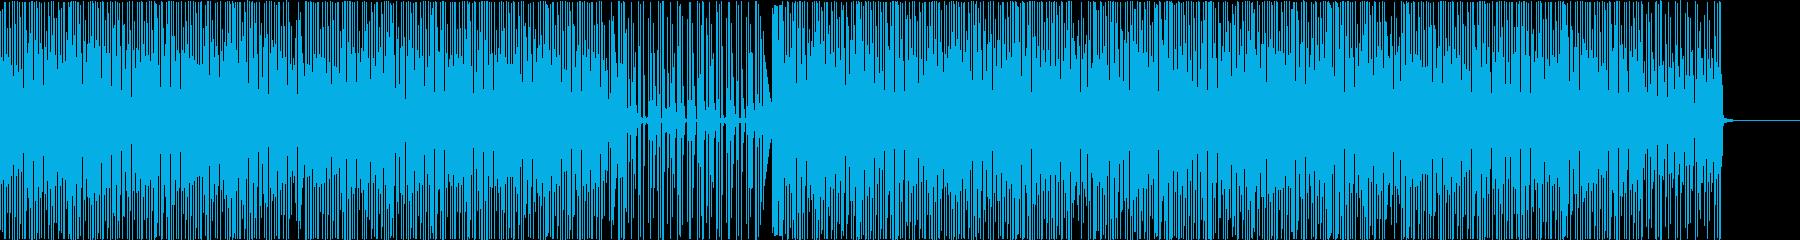 映像を引き立たせるためのシンプルなテクノの再生済みの波形